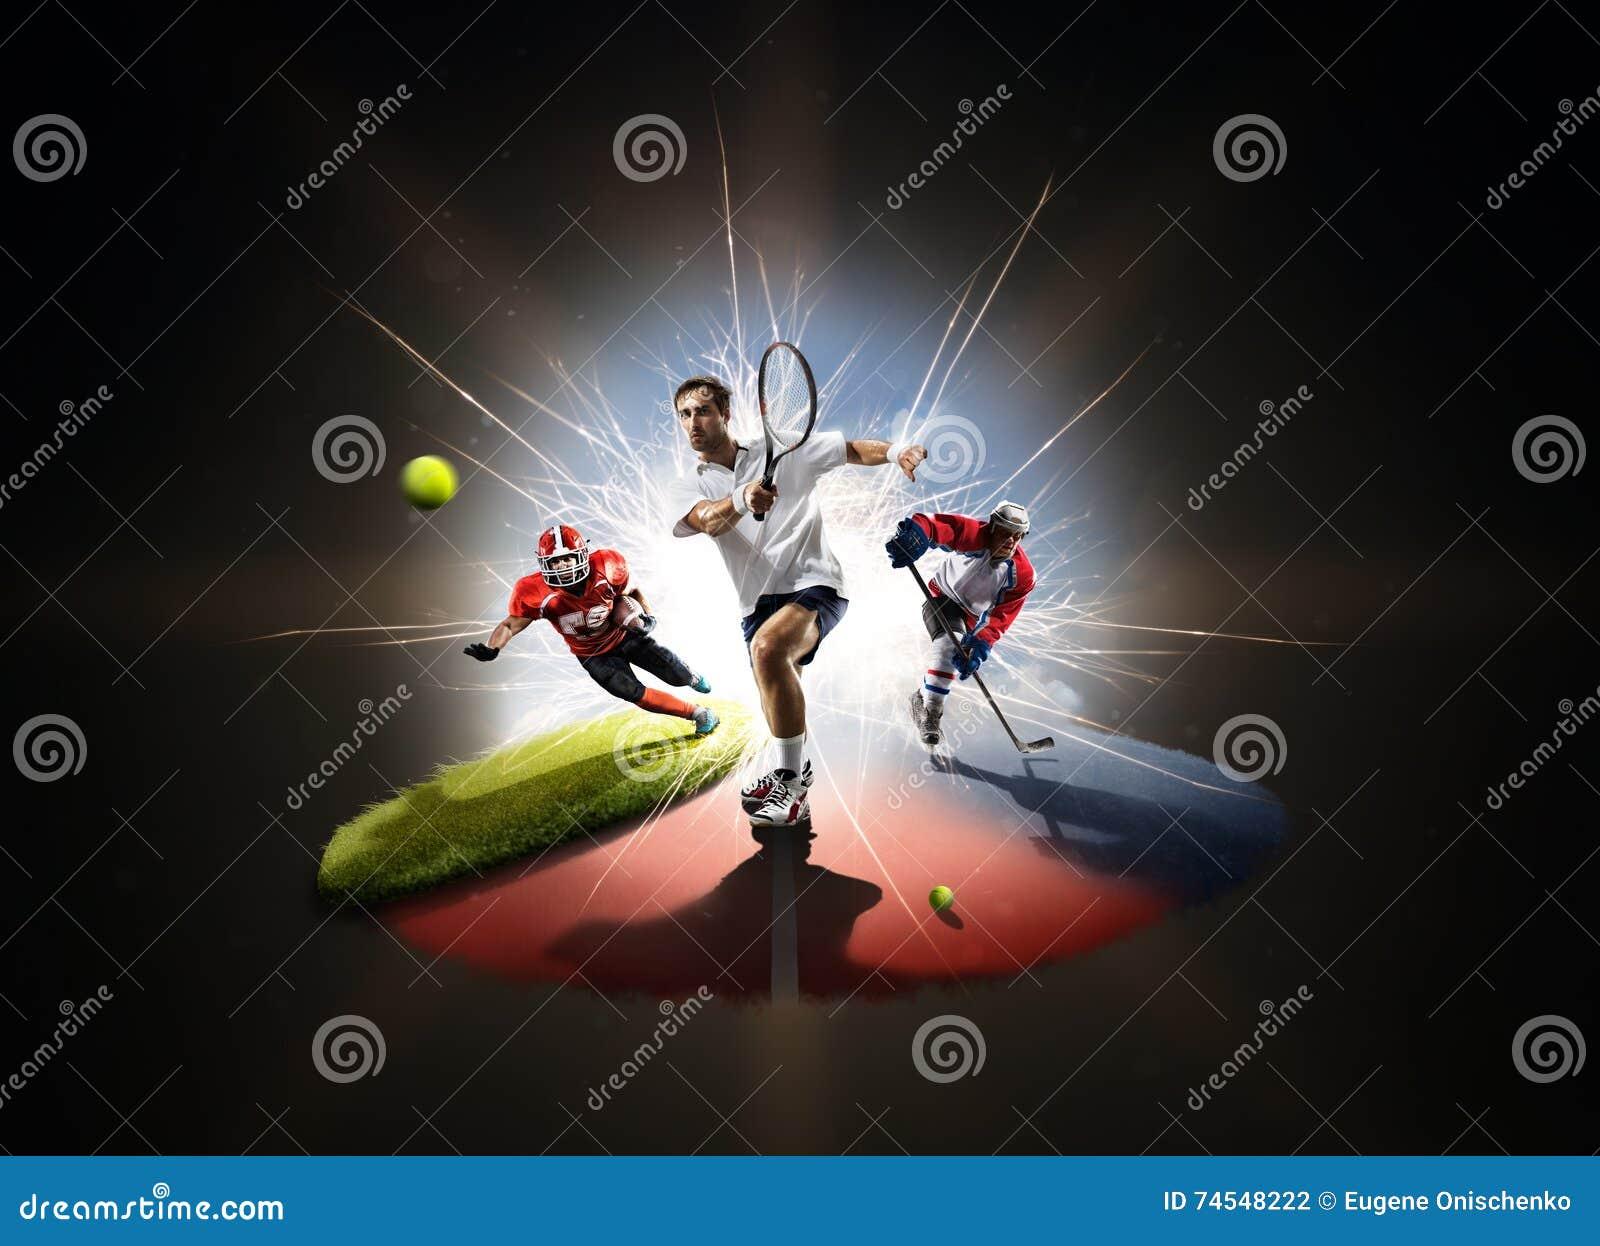 Collage multi de los deportes de footbal americano del hockey del tenis